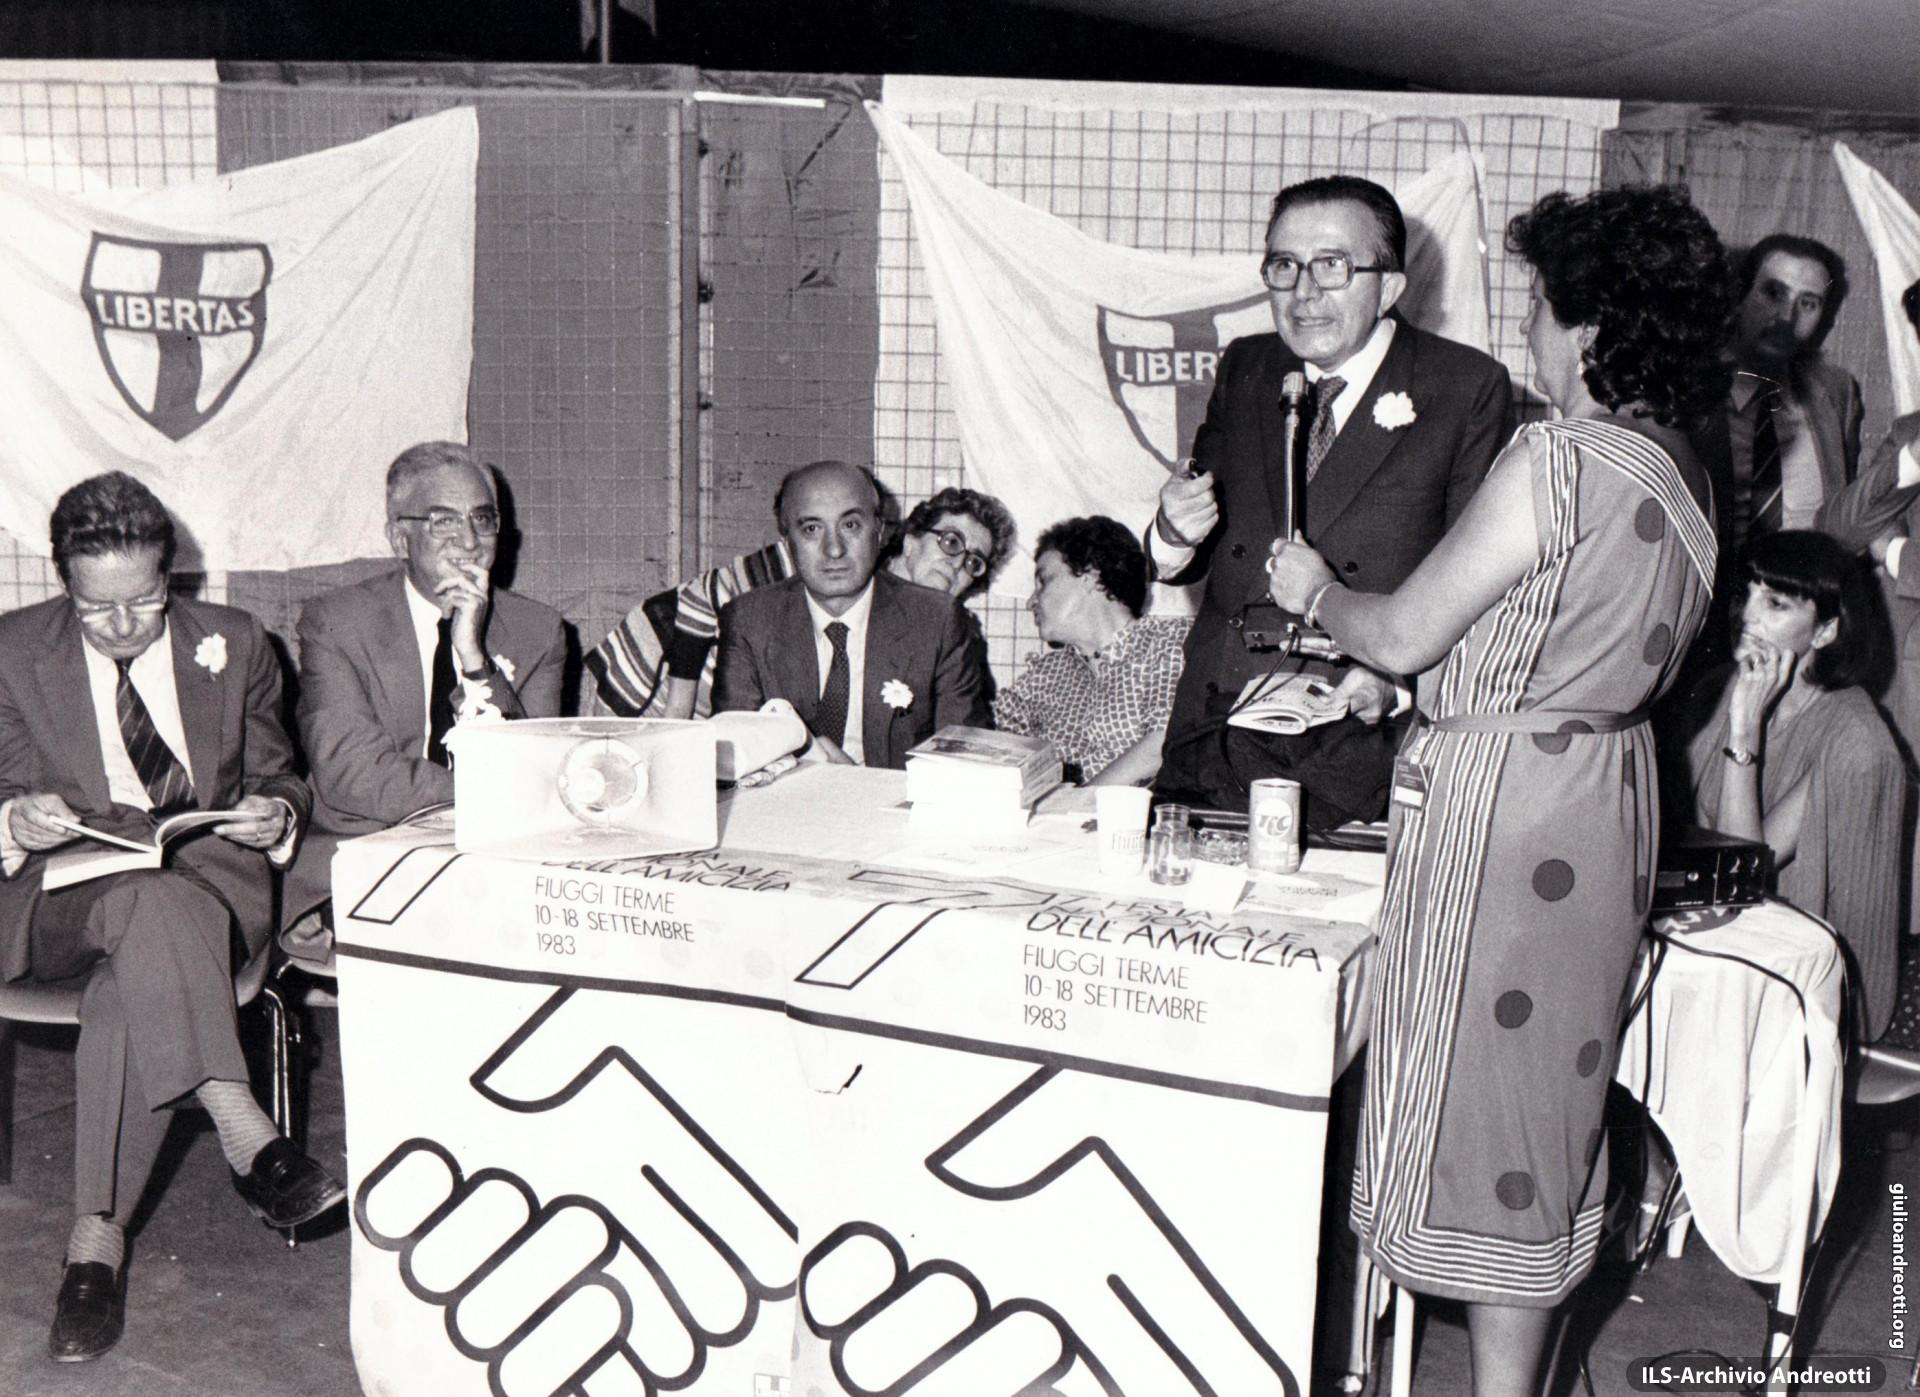 Festa dell'Amicizia della DC, Fiuggi, 10-18 settembre 1983. Tavola rotonda con Andreotti, De Mita, Cossiga e Piccoli.